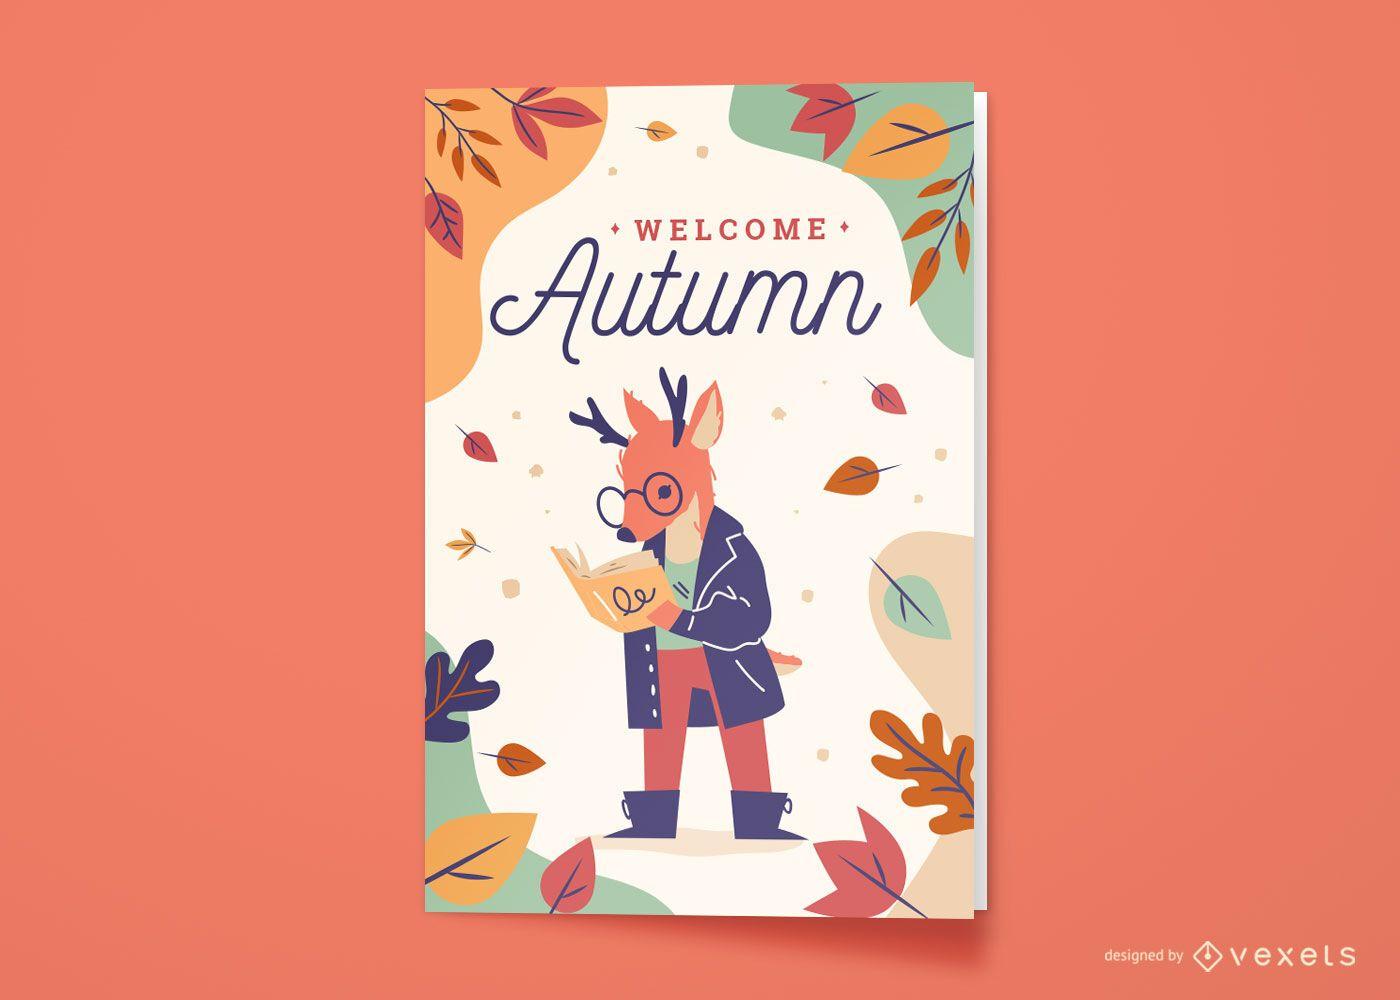 Cartão de felicitações de animais veados na temporada de outono